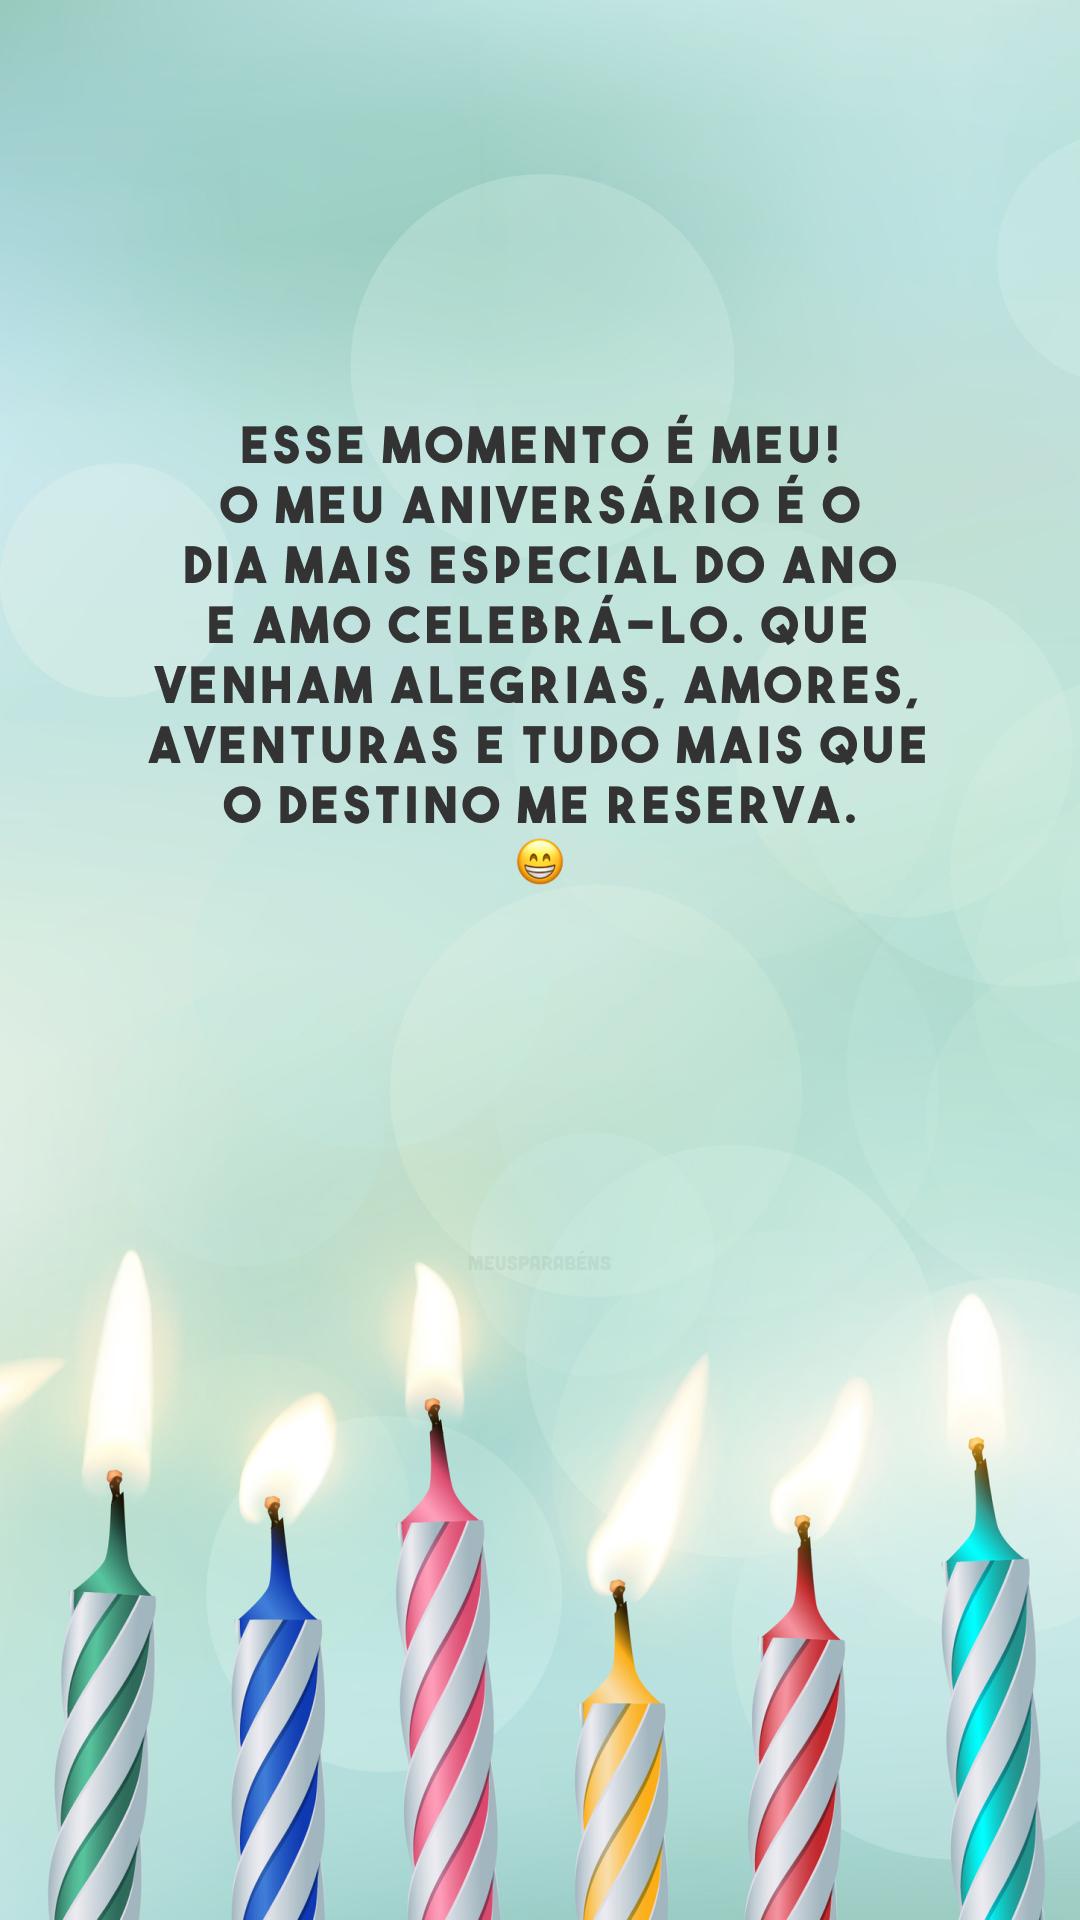 Esse momento é meu! O meu aniversário é o dia mais especial do ano e amo celebrá-lo. Que venham alegrias, amores, aventuras e tudo mais que o destino me reserva. 😁